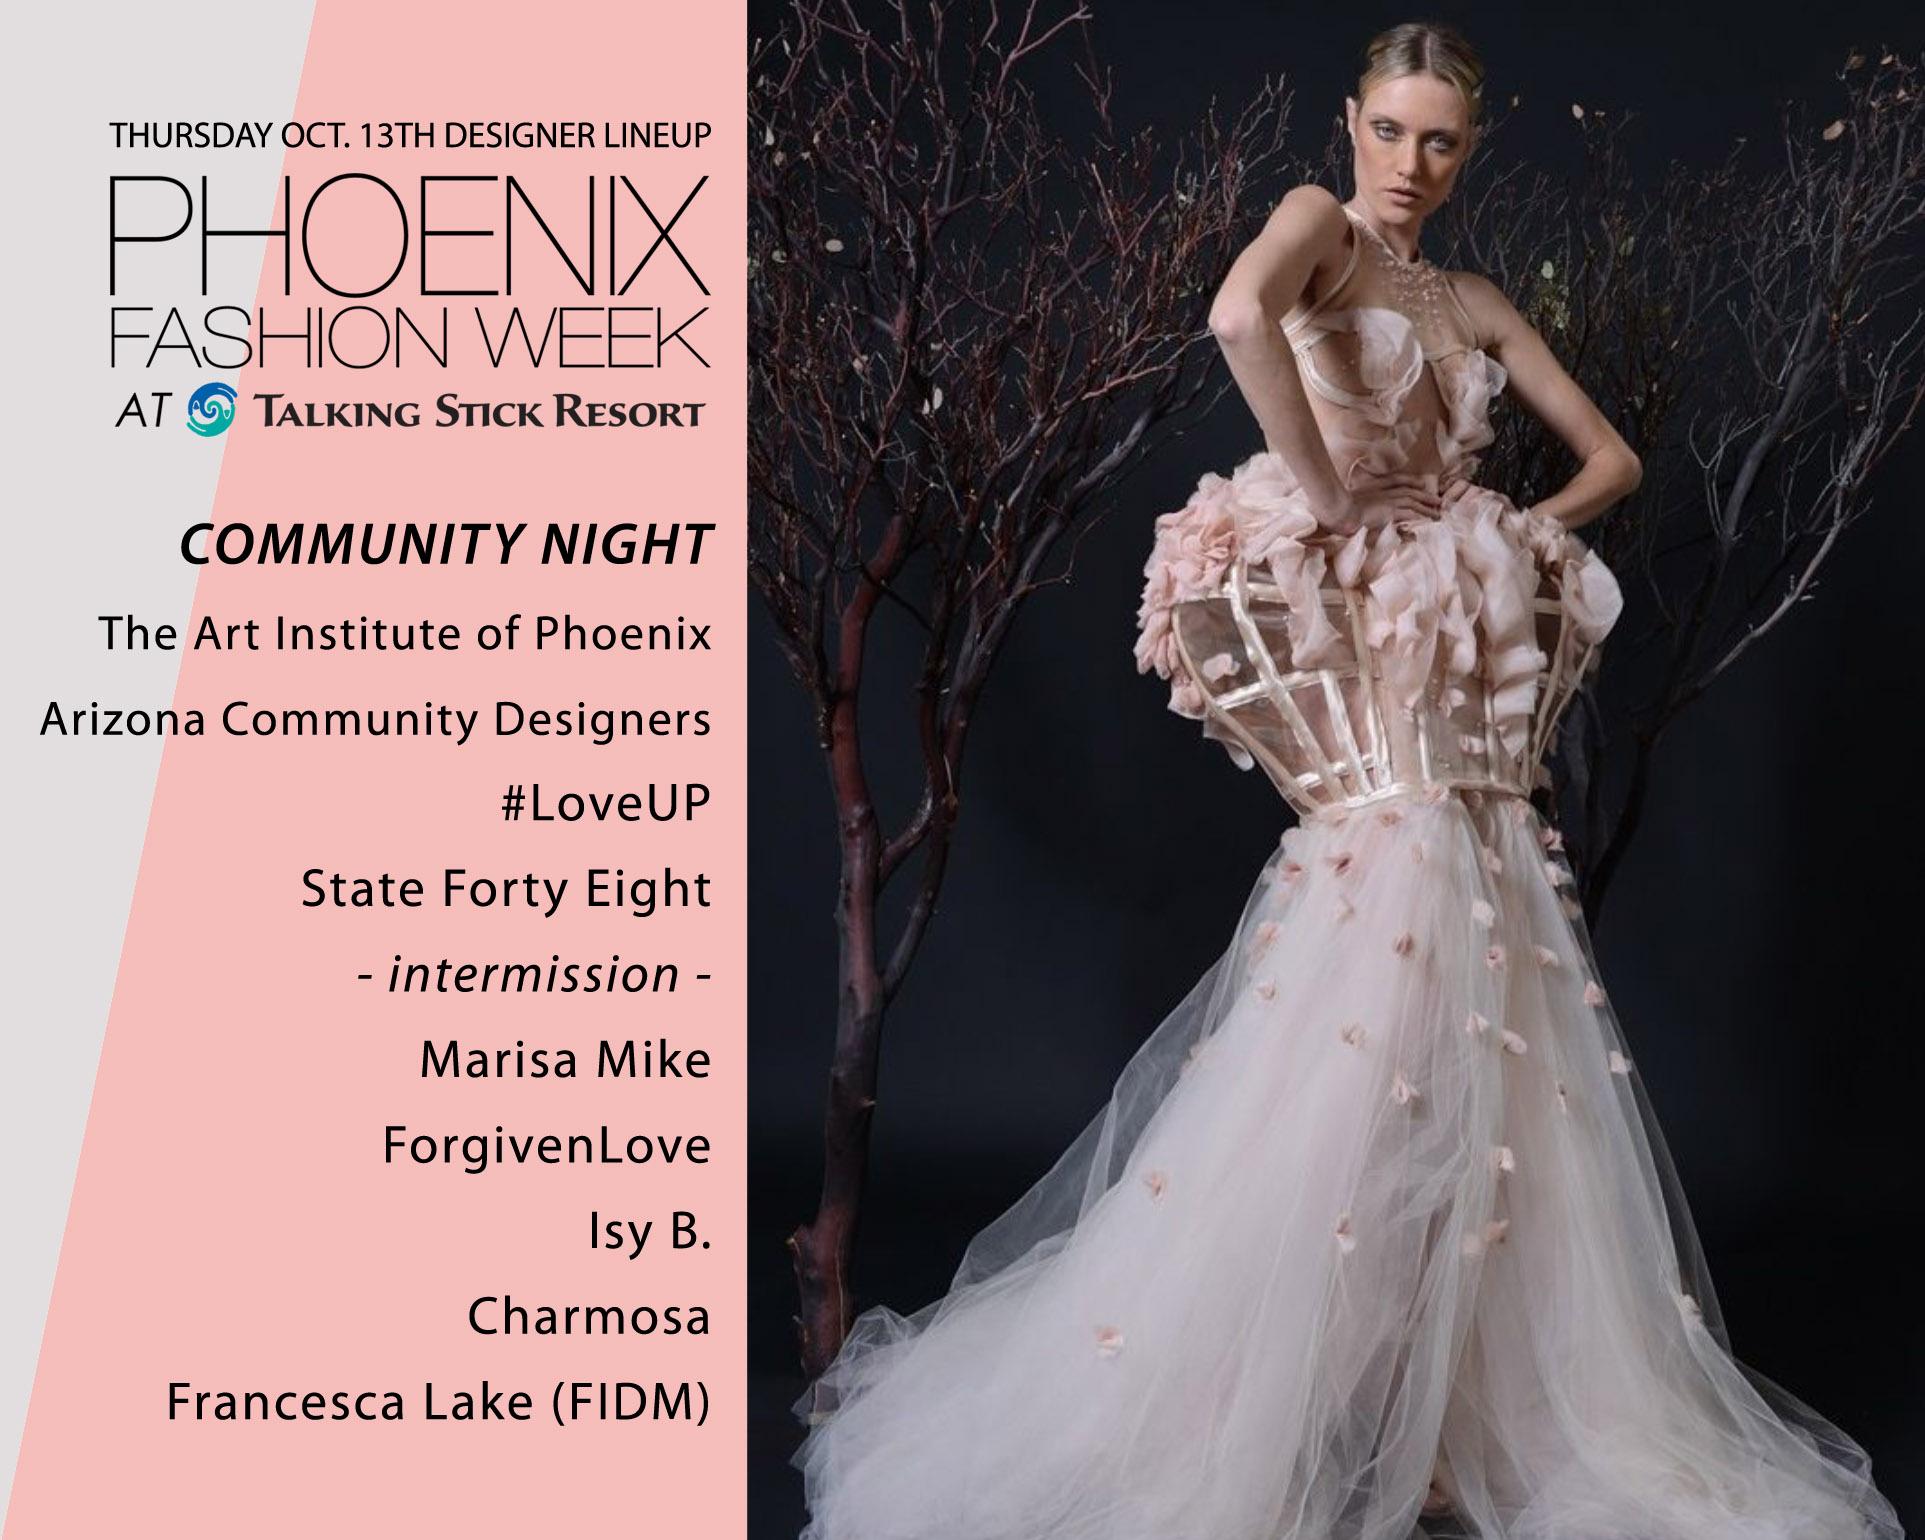 Phoenix Fashion Week Talking Stick Resort Oct 13 15 24